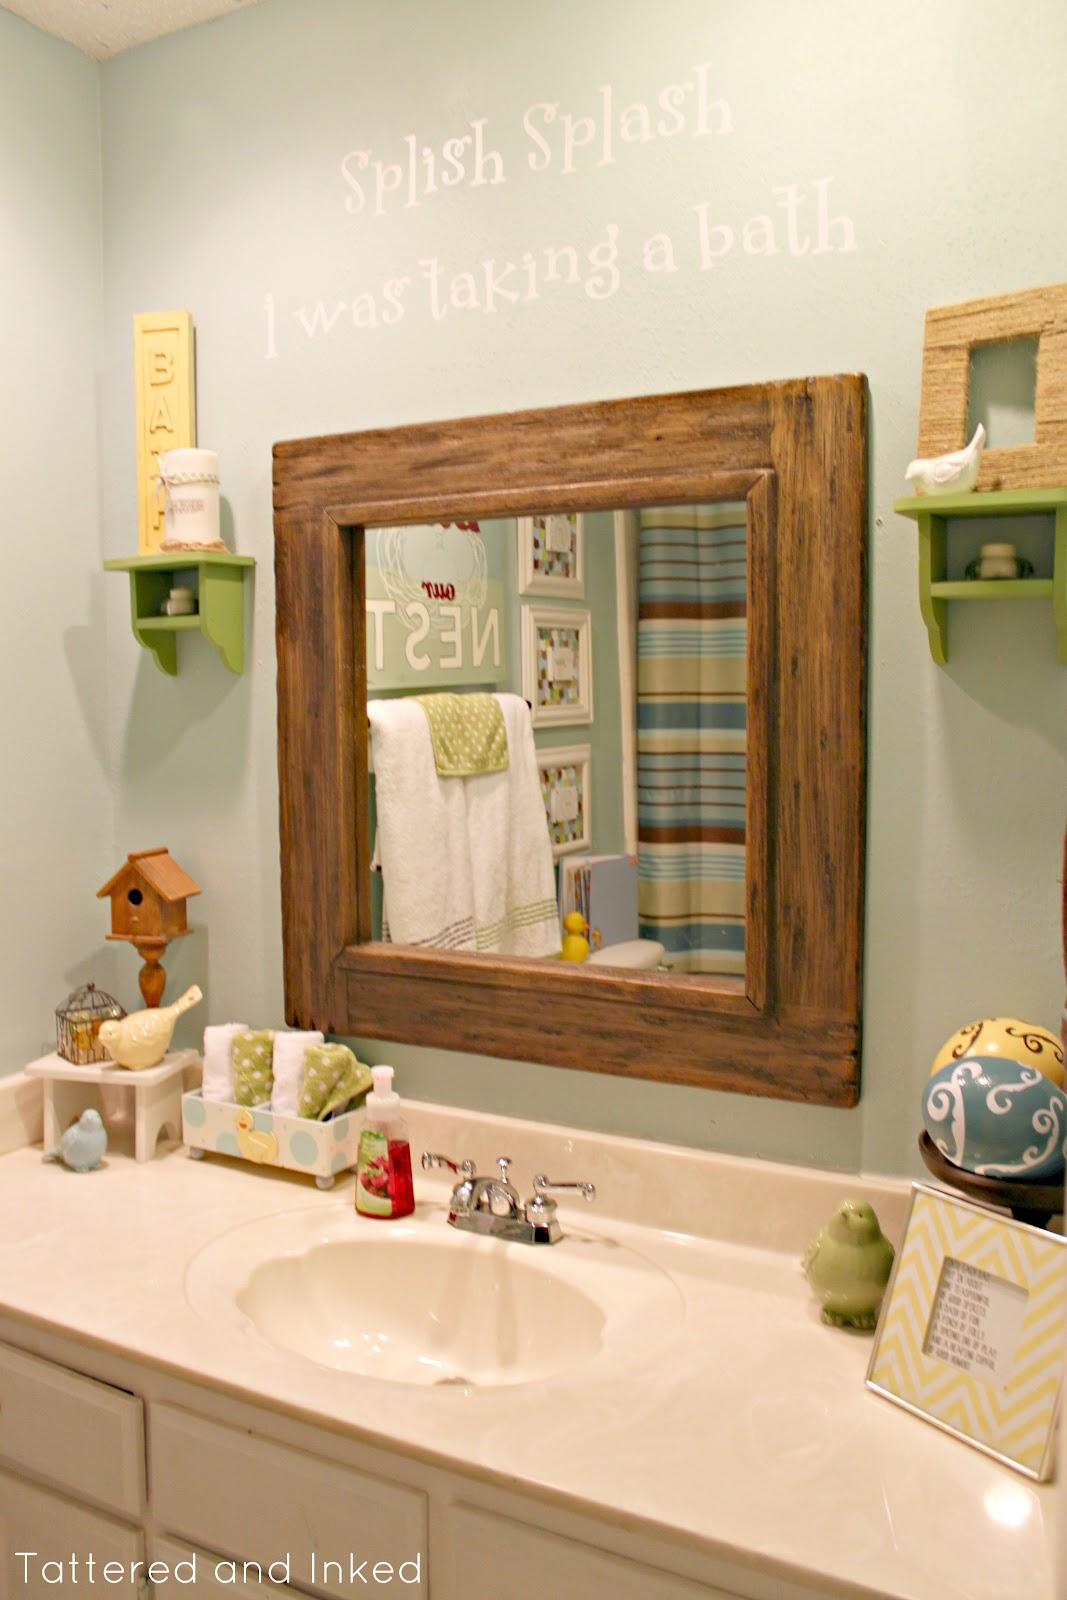 http://2.bp.blogspot.com/-mbKRENqGUDU/UAQxHjSGWLI/AAAAAAAAGI8/Bf6FkrRuZV0/s1600/bathroomr3.jpg